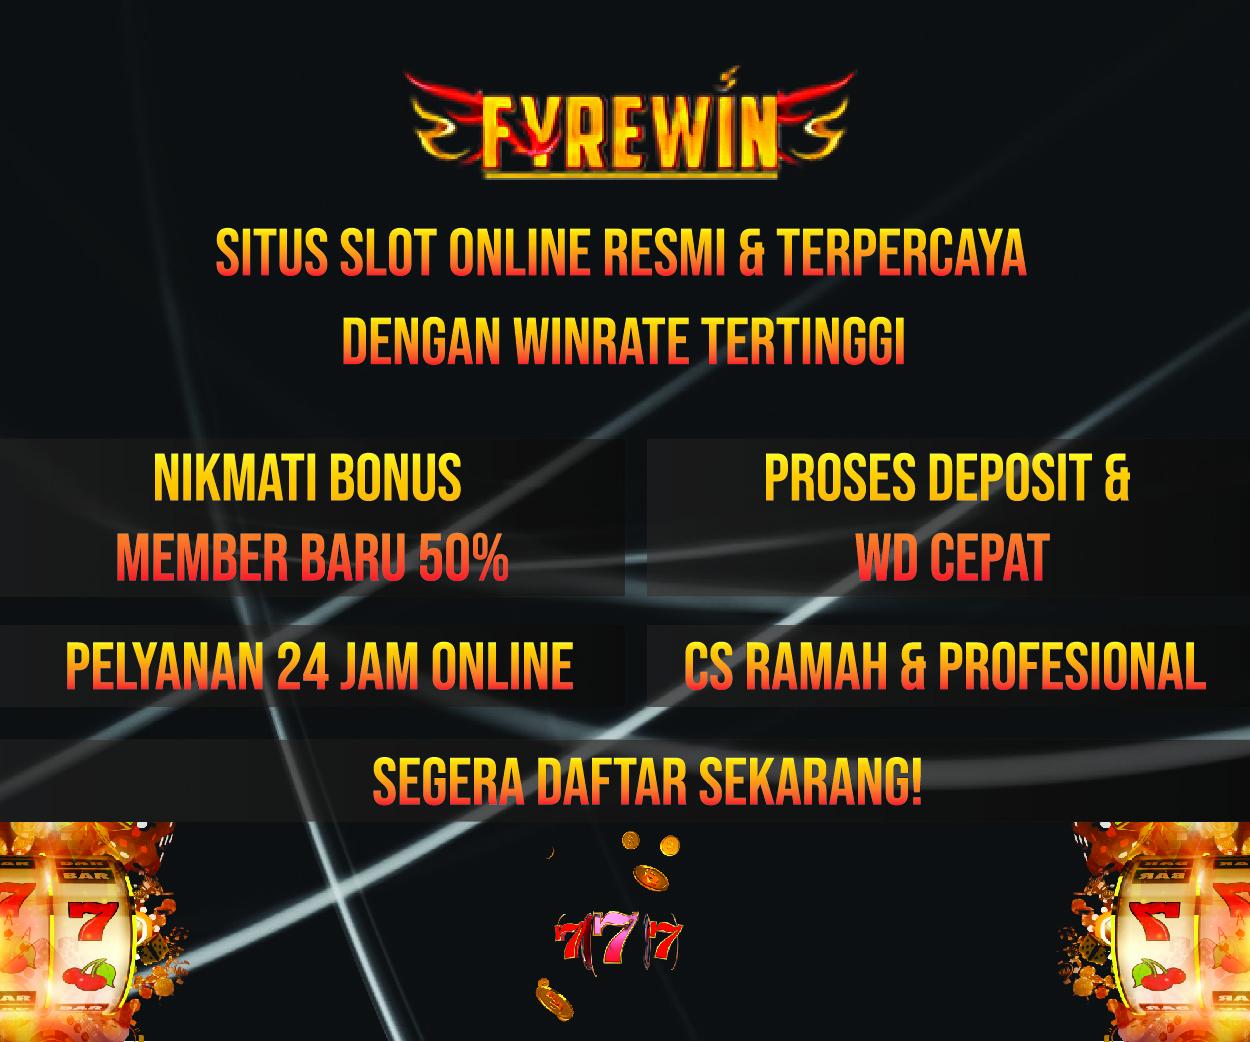 Situs Agen Judi Togel Online Terlengkap Dan Terpercaya, Nikmati Bonus New Member 50%, Ayoo Gabung Sekarang Juga !